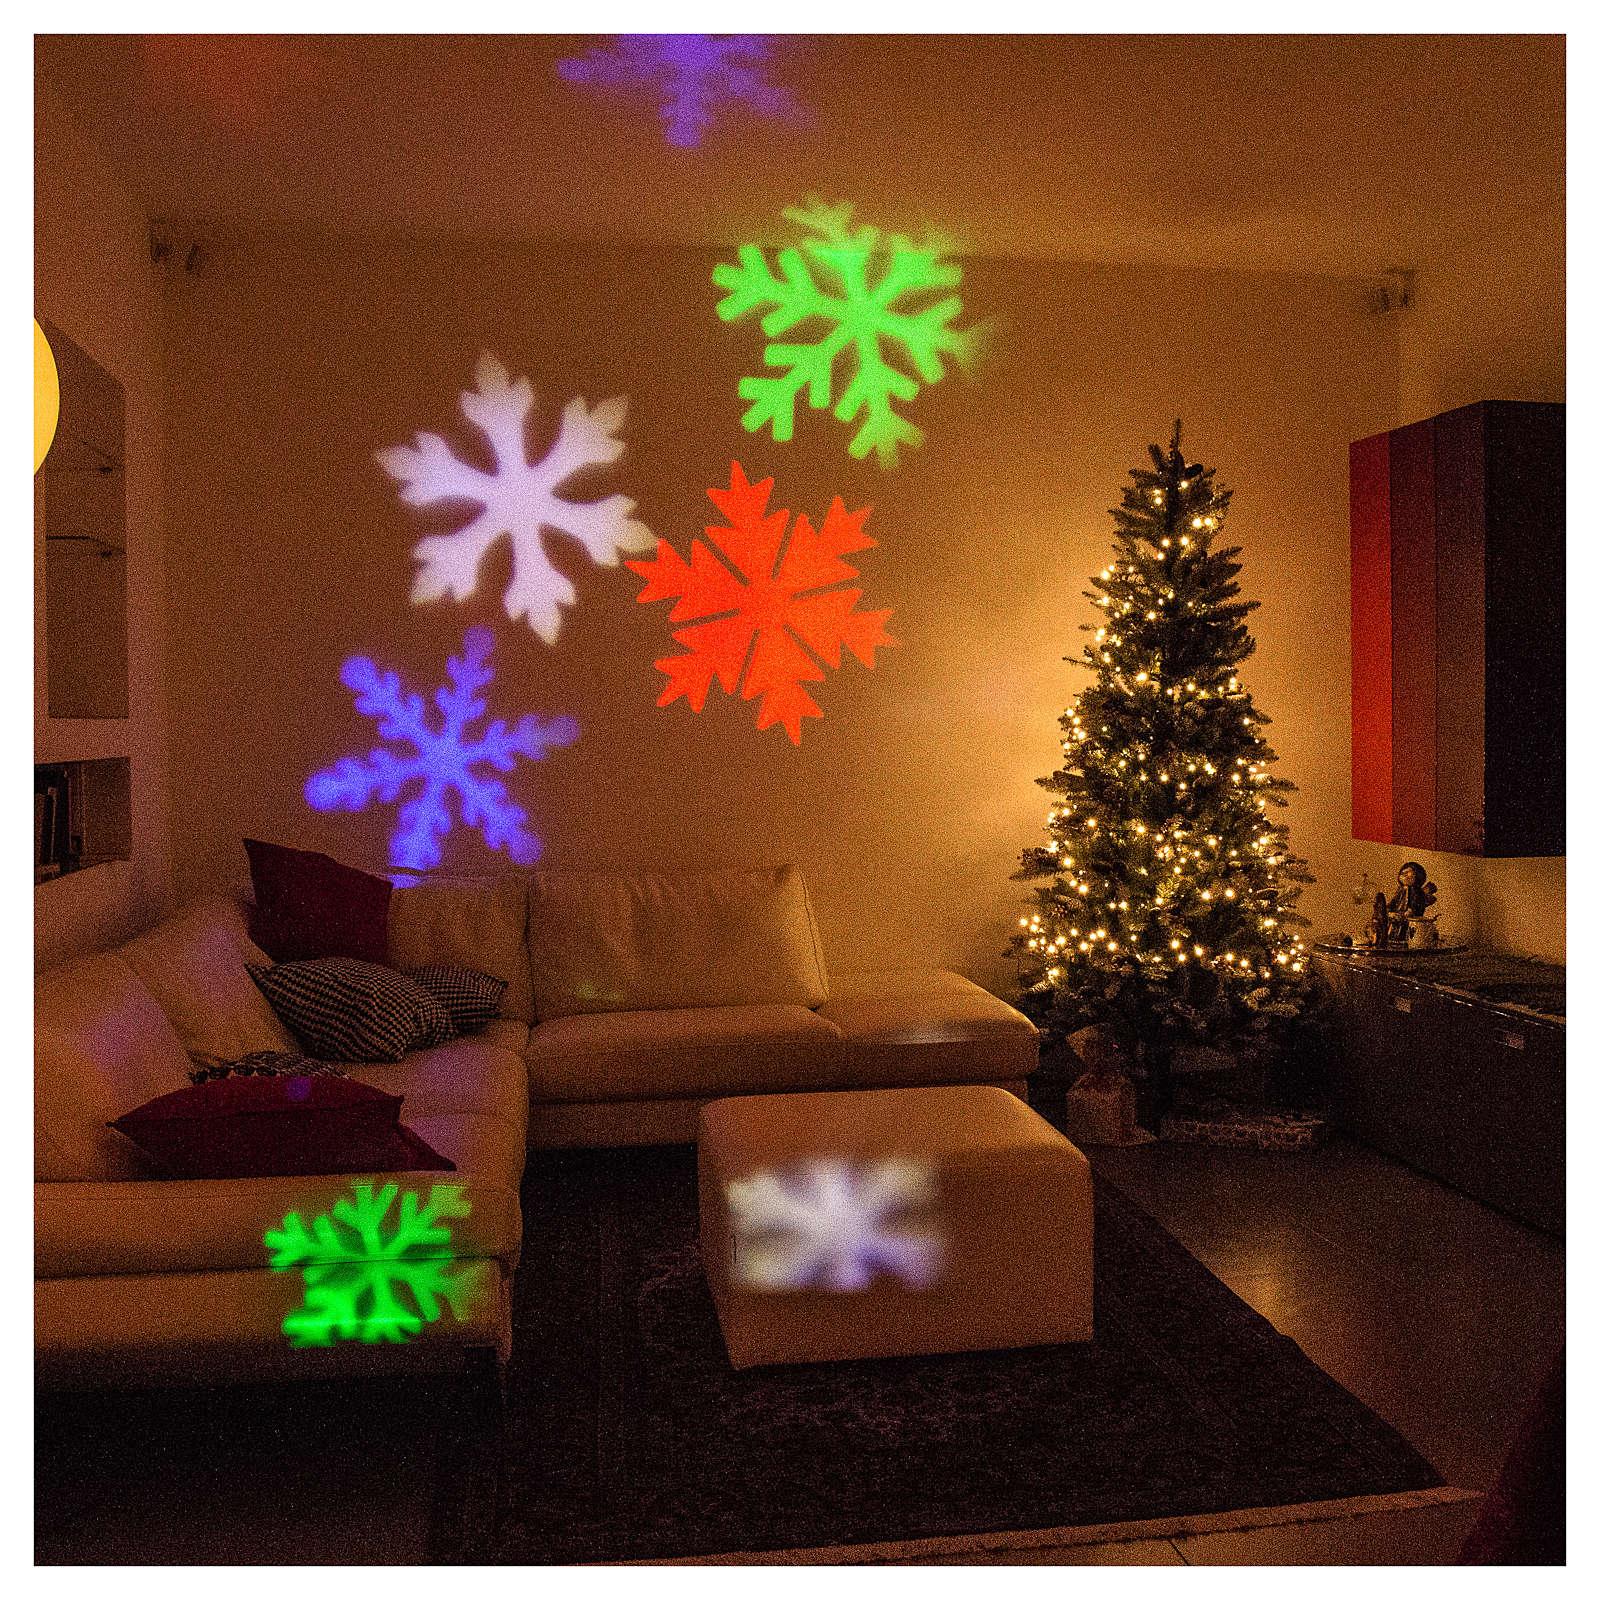 STOCK LED-Projektor Schneeflocke mehrfarbig für innen und außen 3